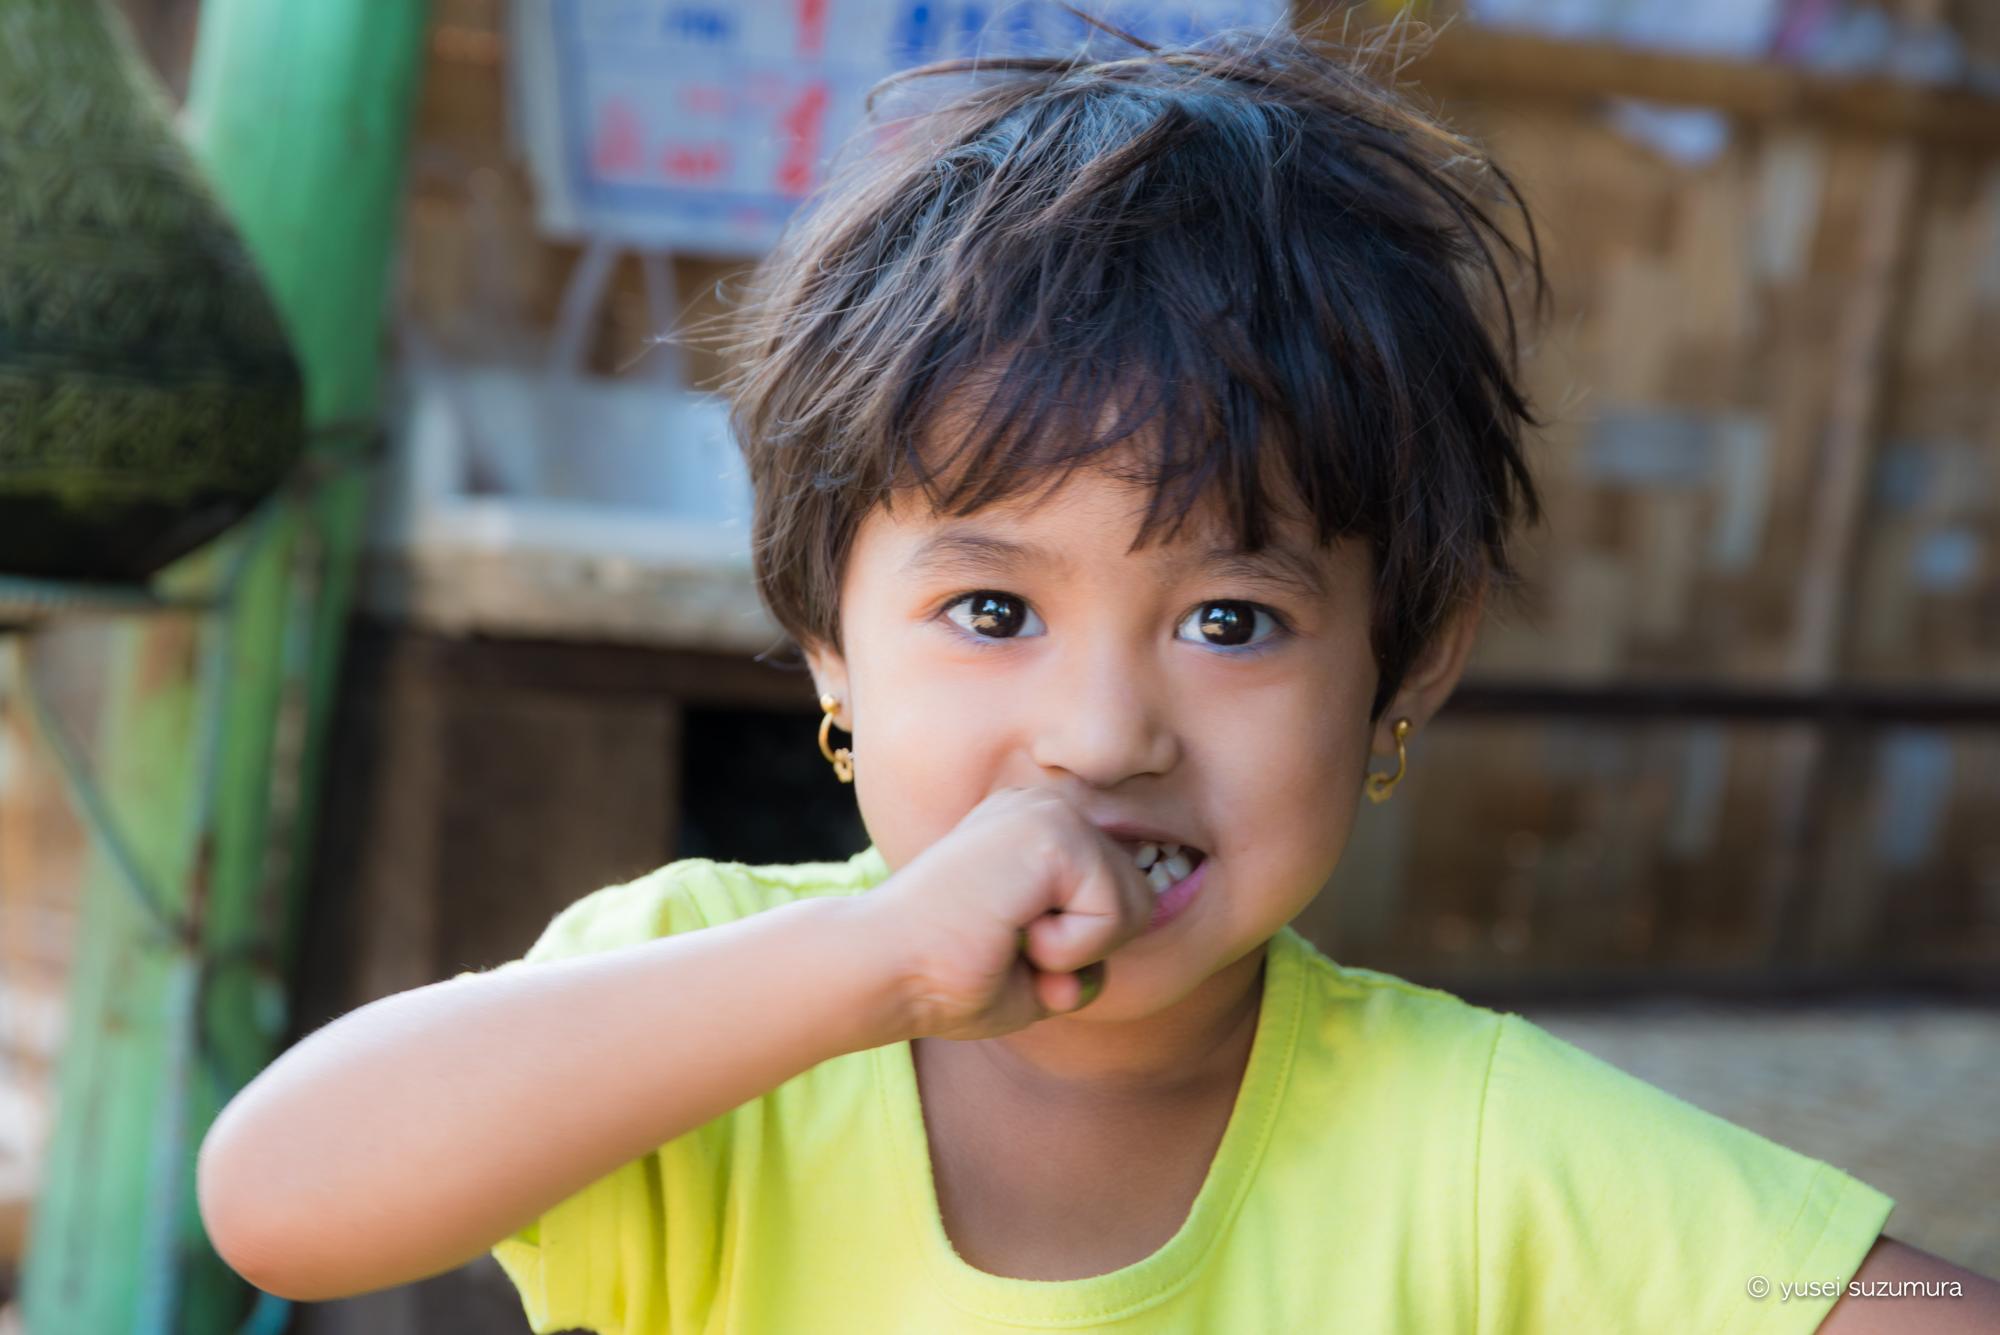 ミャンマーの印象はインドとタイのミックス。